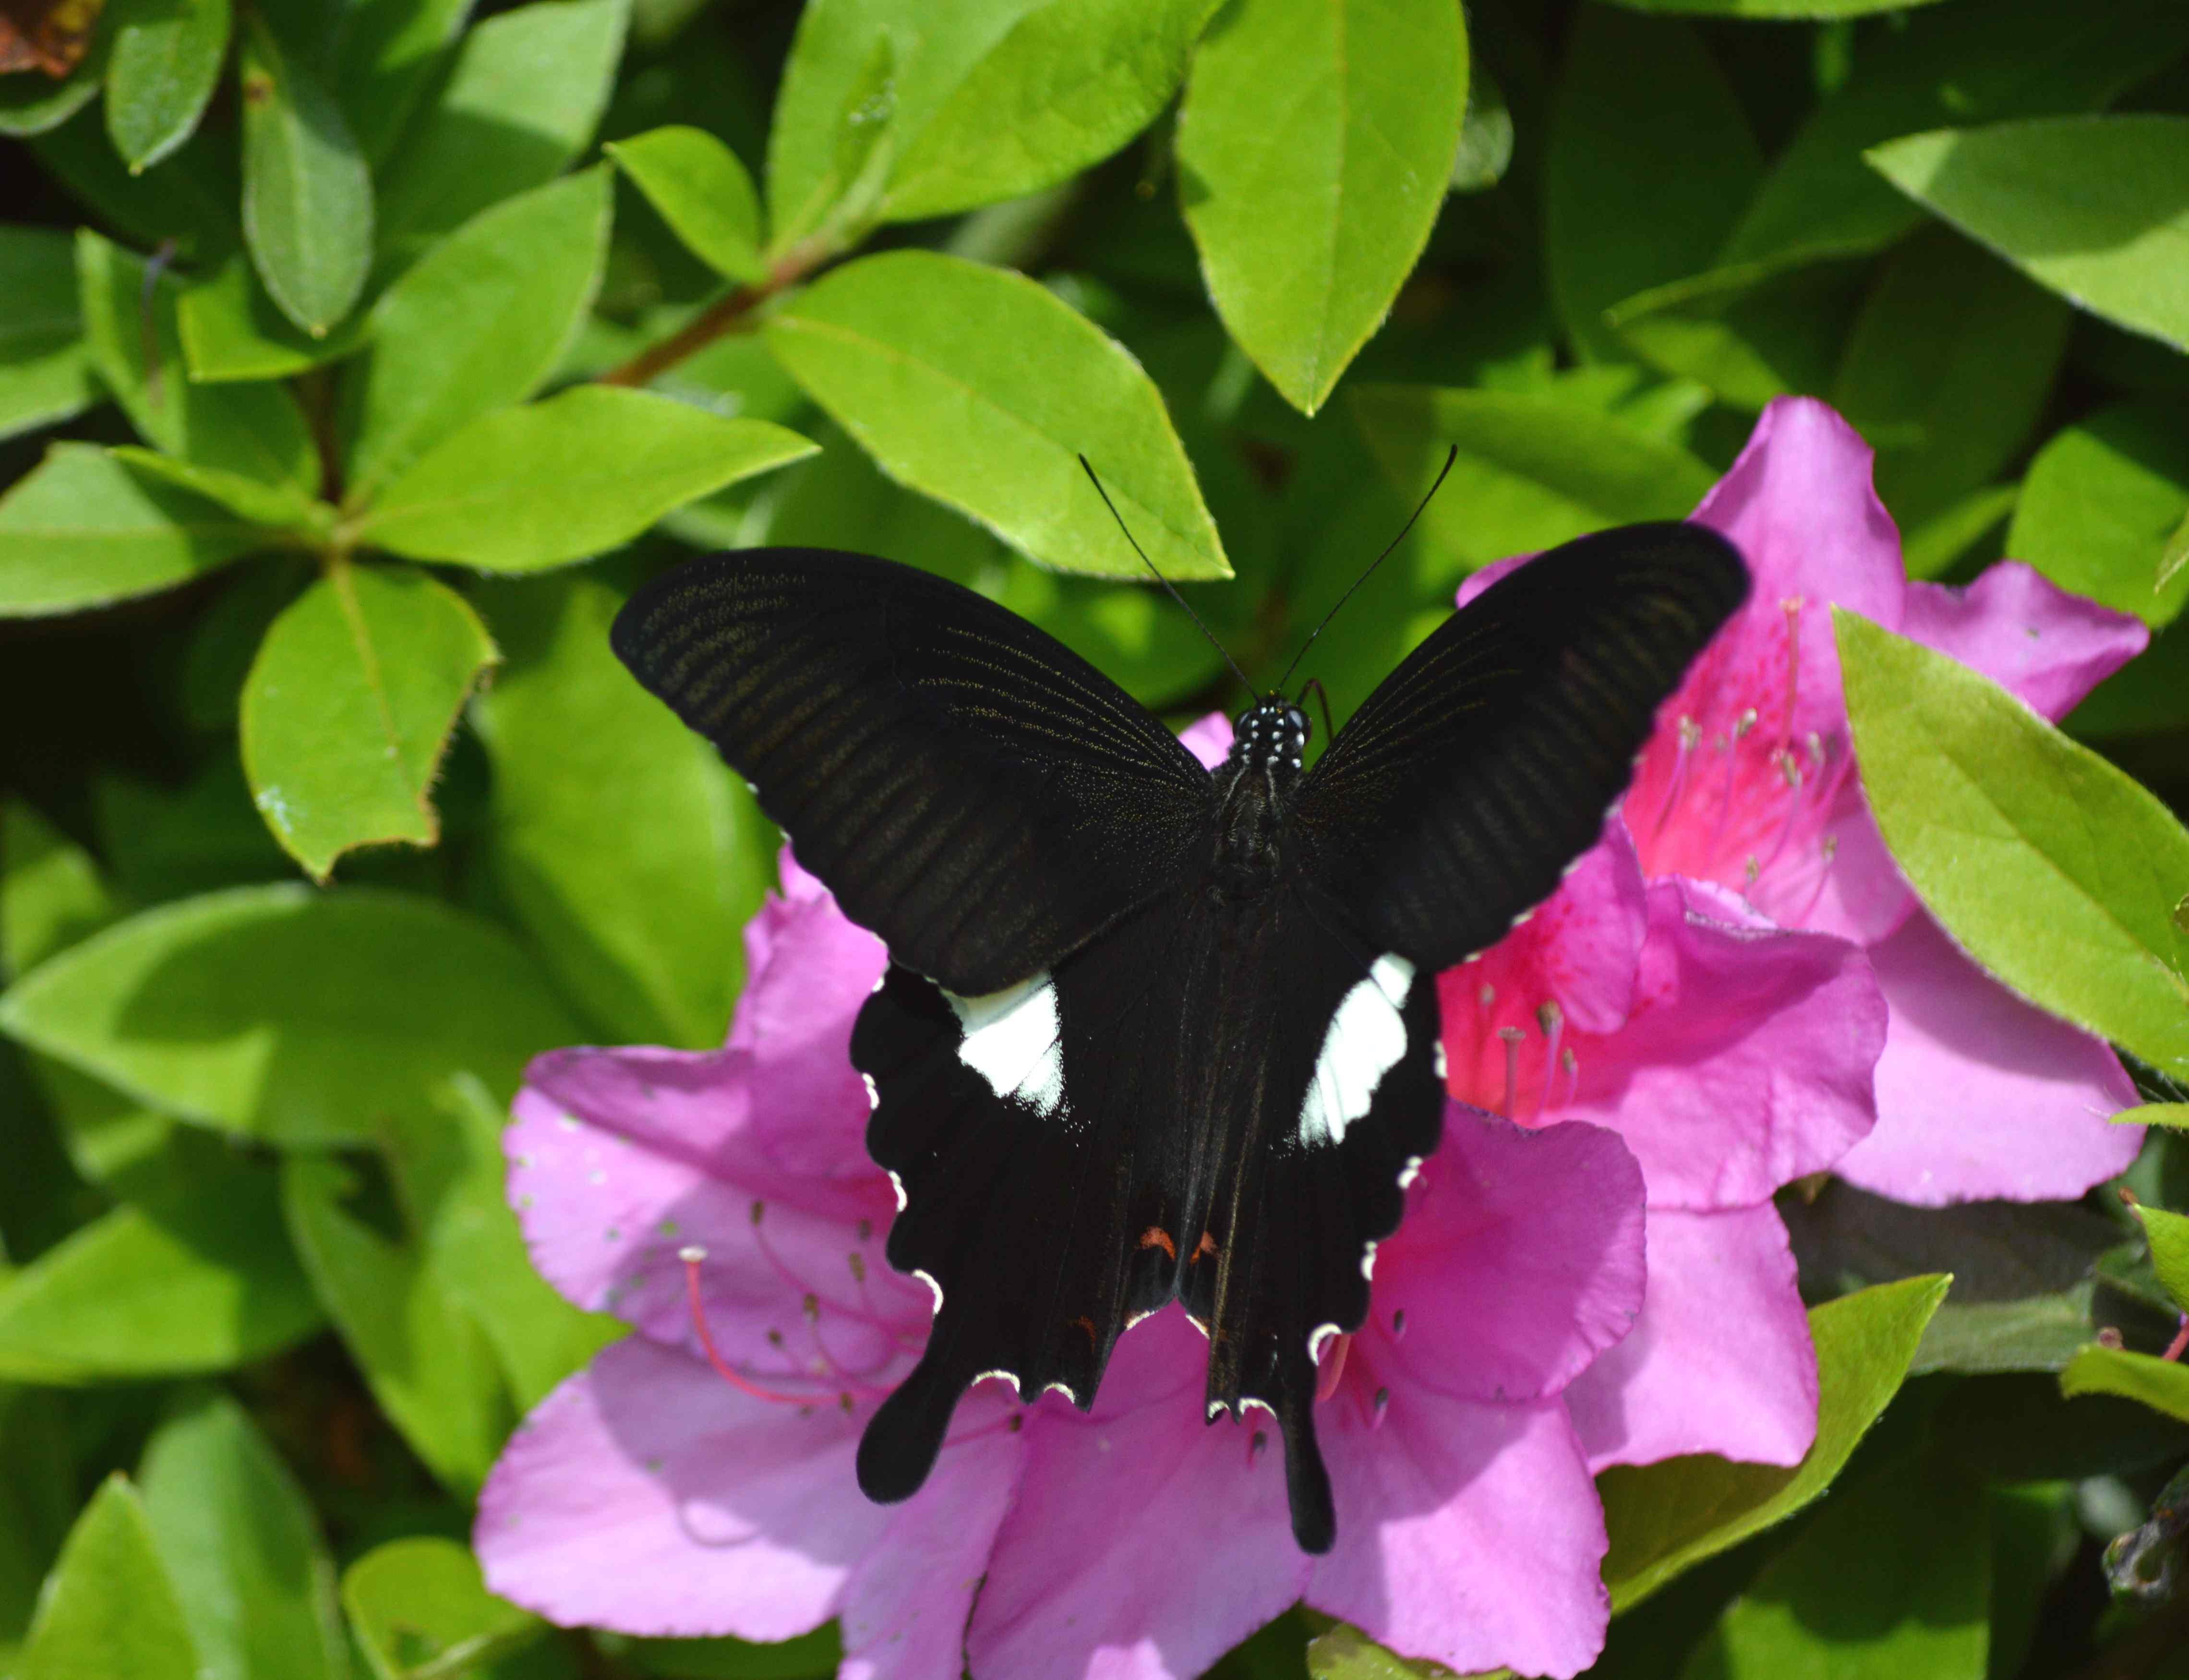 モンキアゲハ 5月2日ツツジの咲く公園にて_d0254540_1541660.jpg